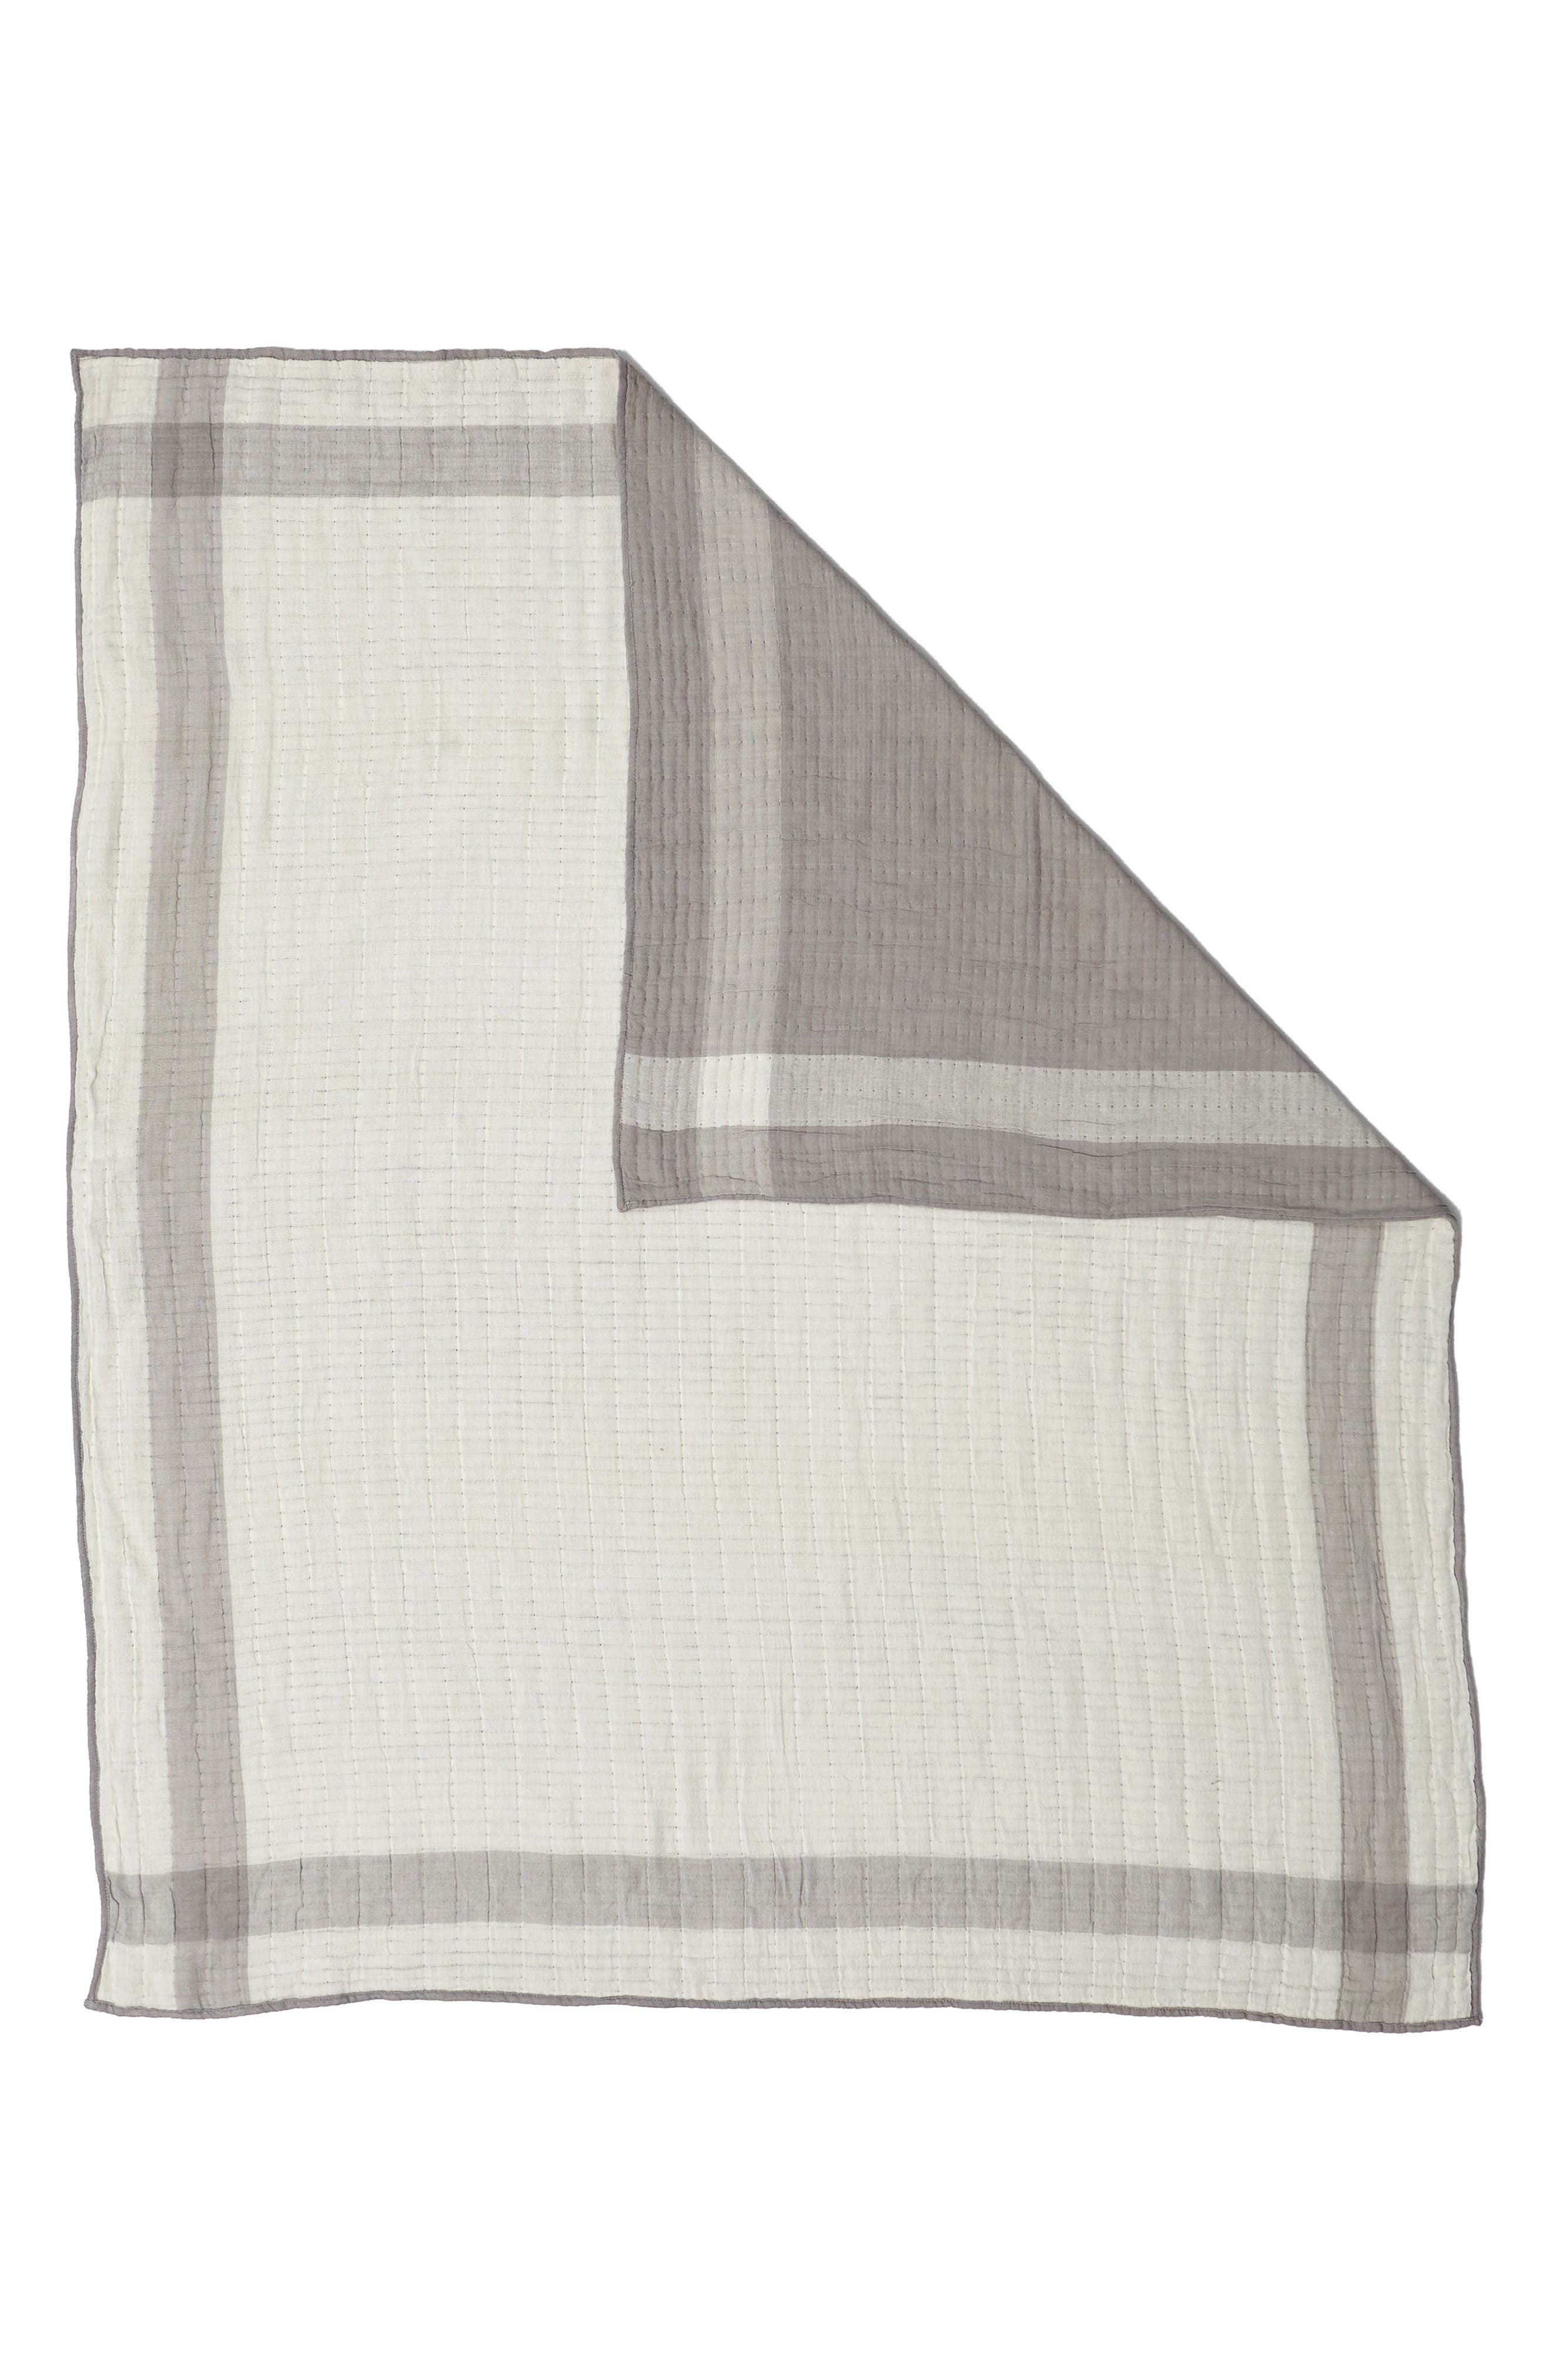 Sidekick Blanket,                             Alternate thumbnail 2, color,                             020